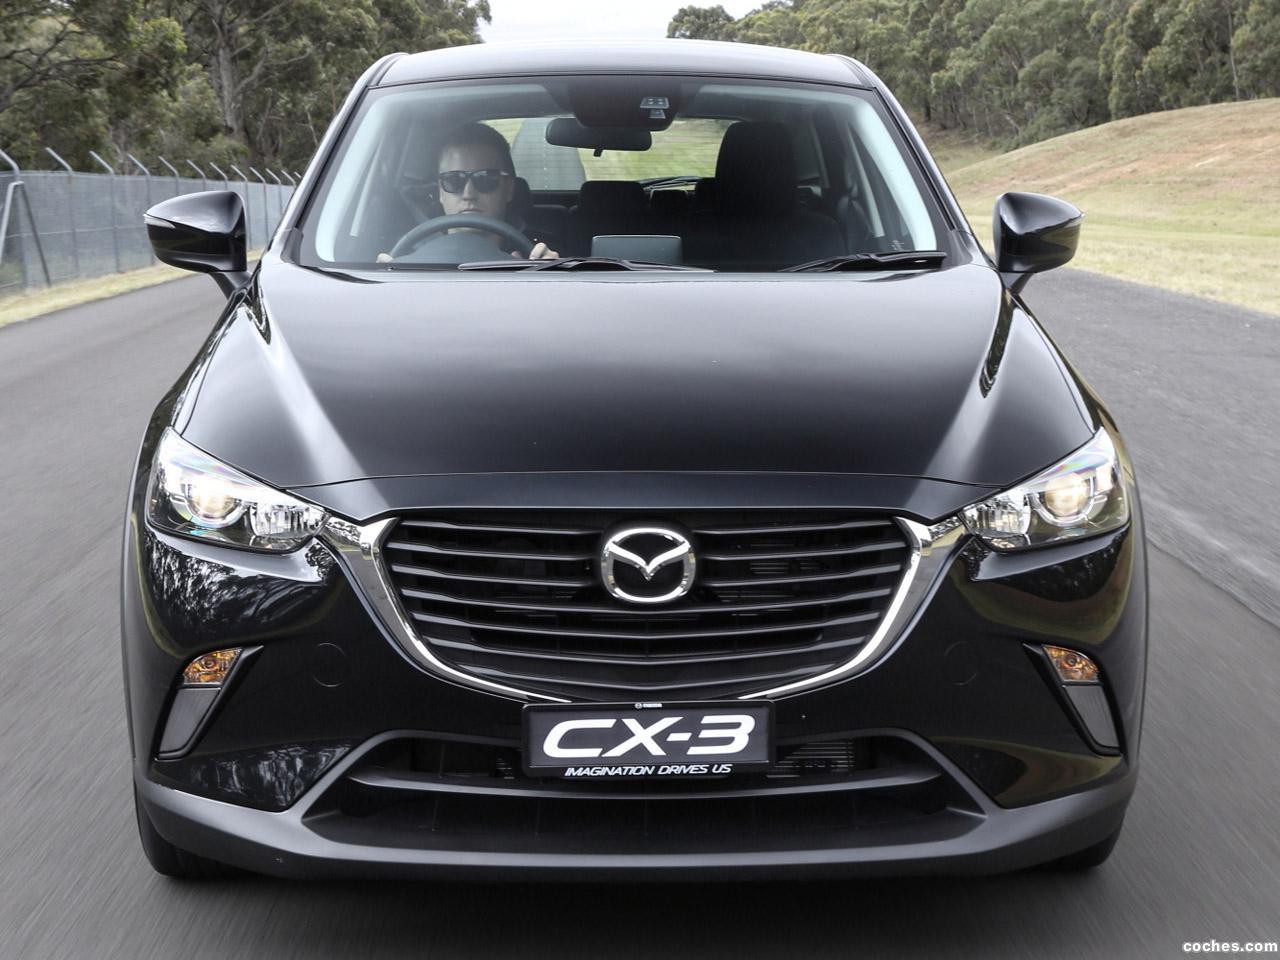 Foto 1 de Mazda CX-3 Australia 2015